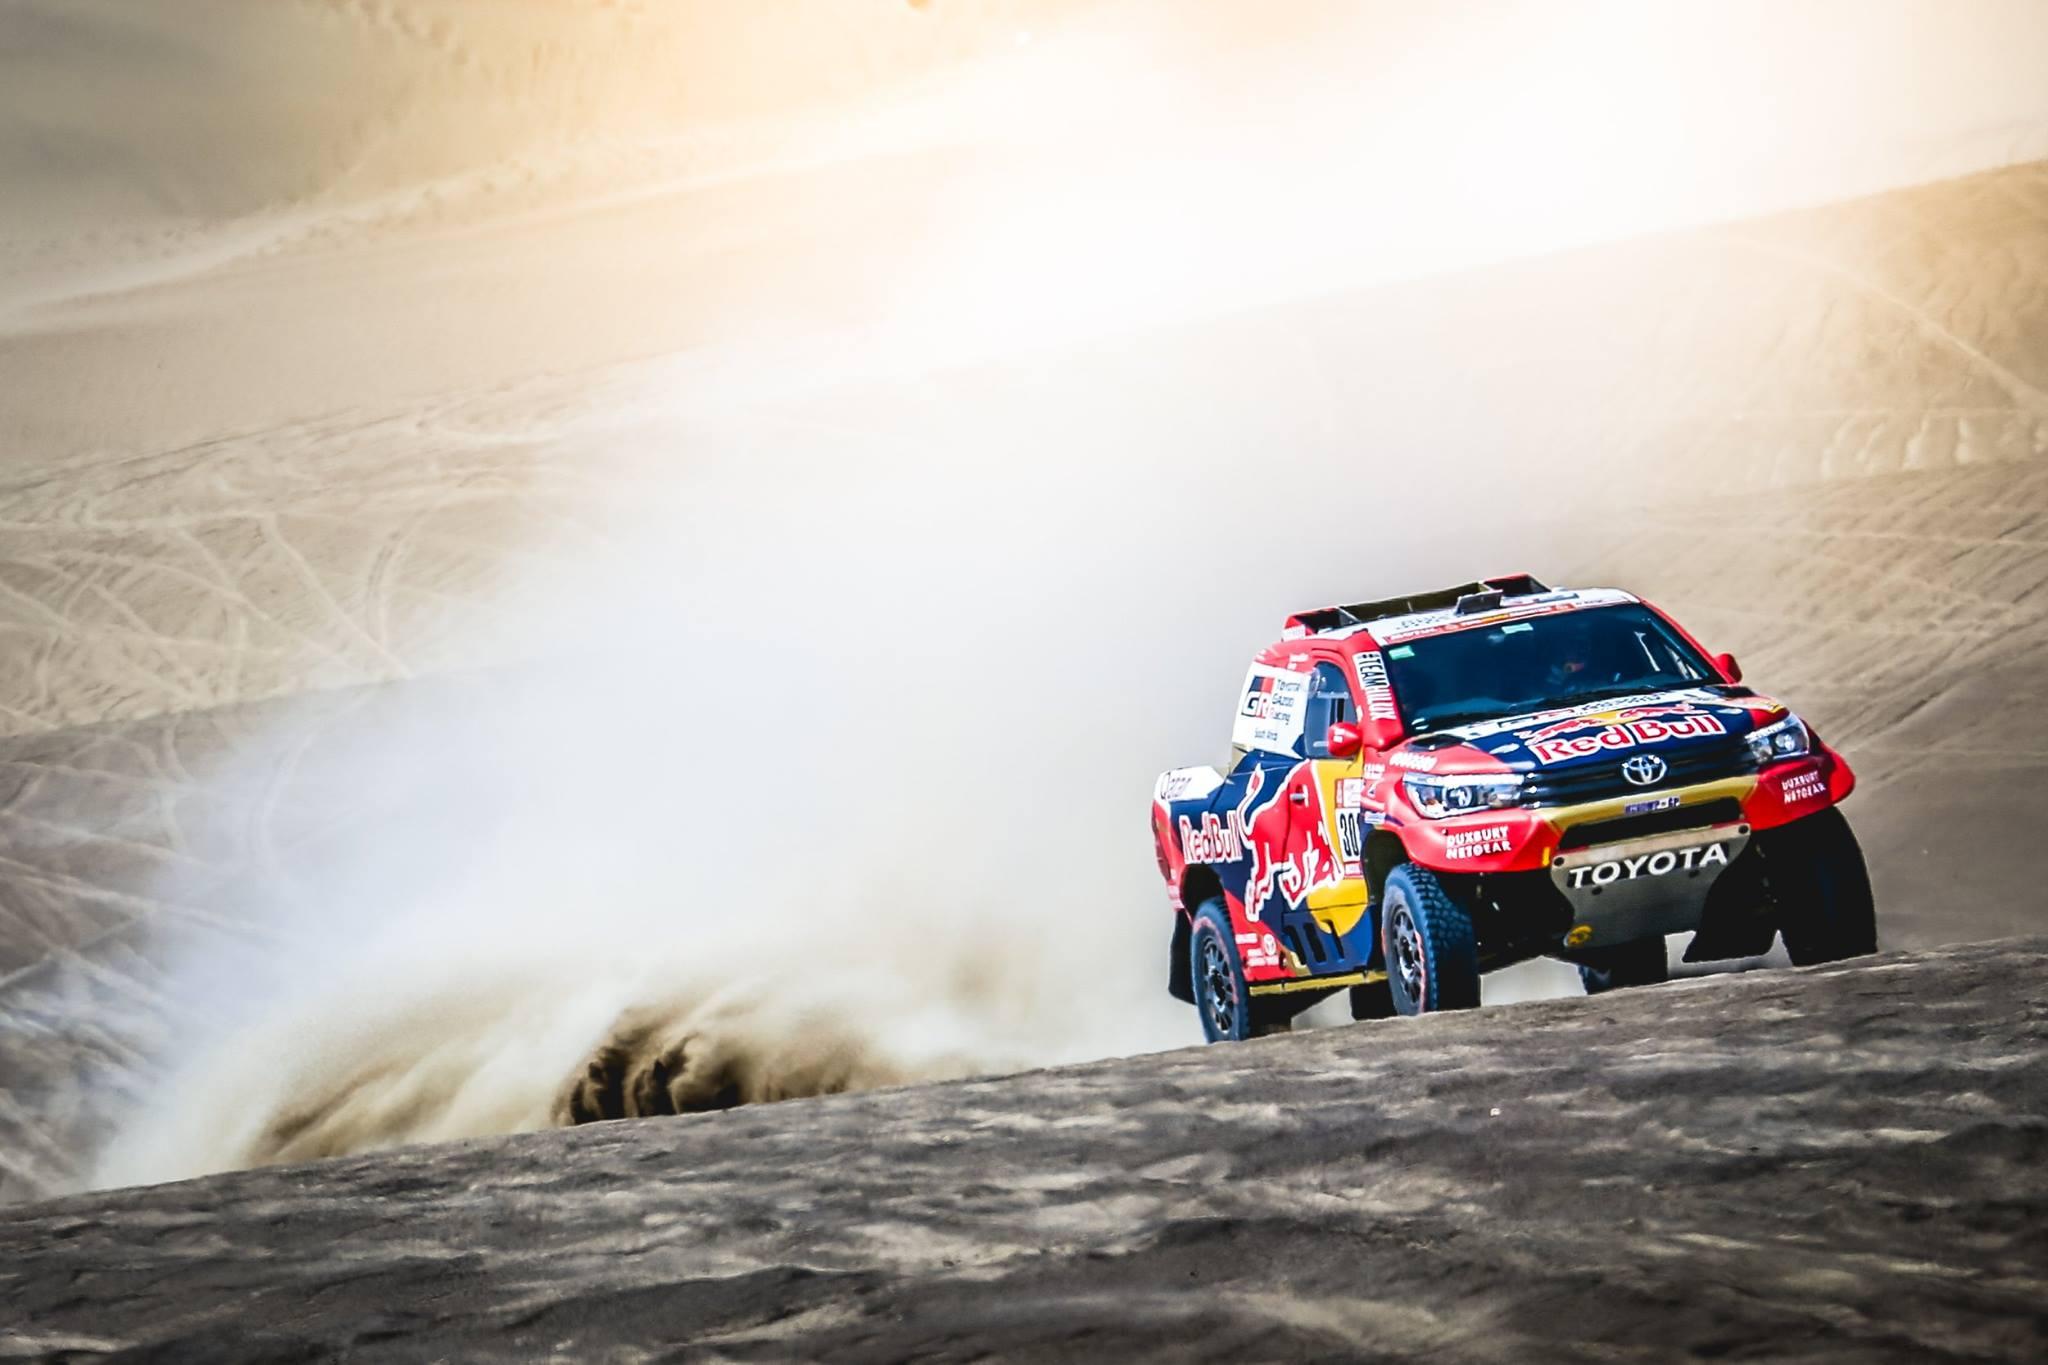 Rally Dakar 2018 Day 2 (6)